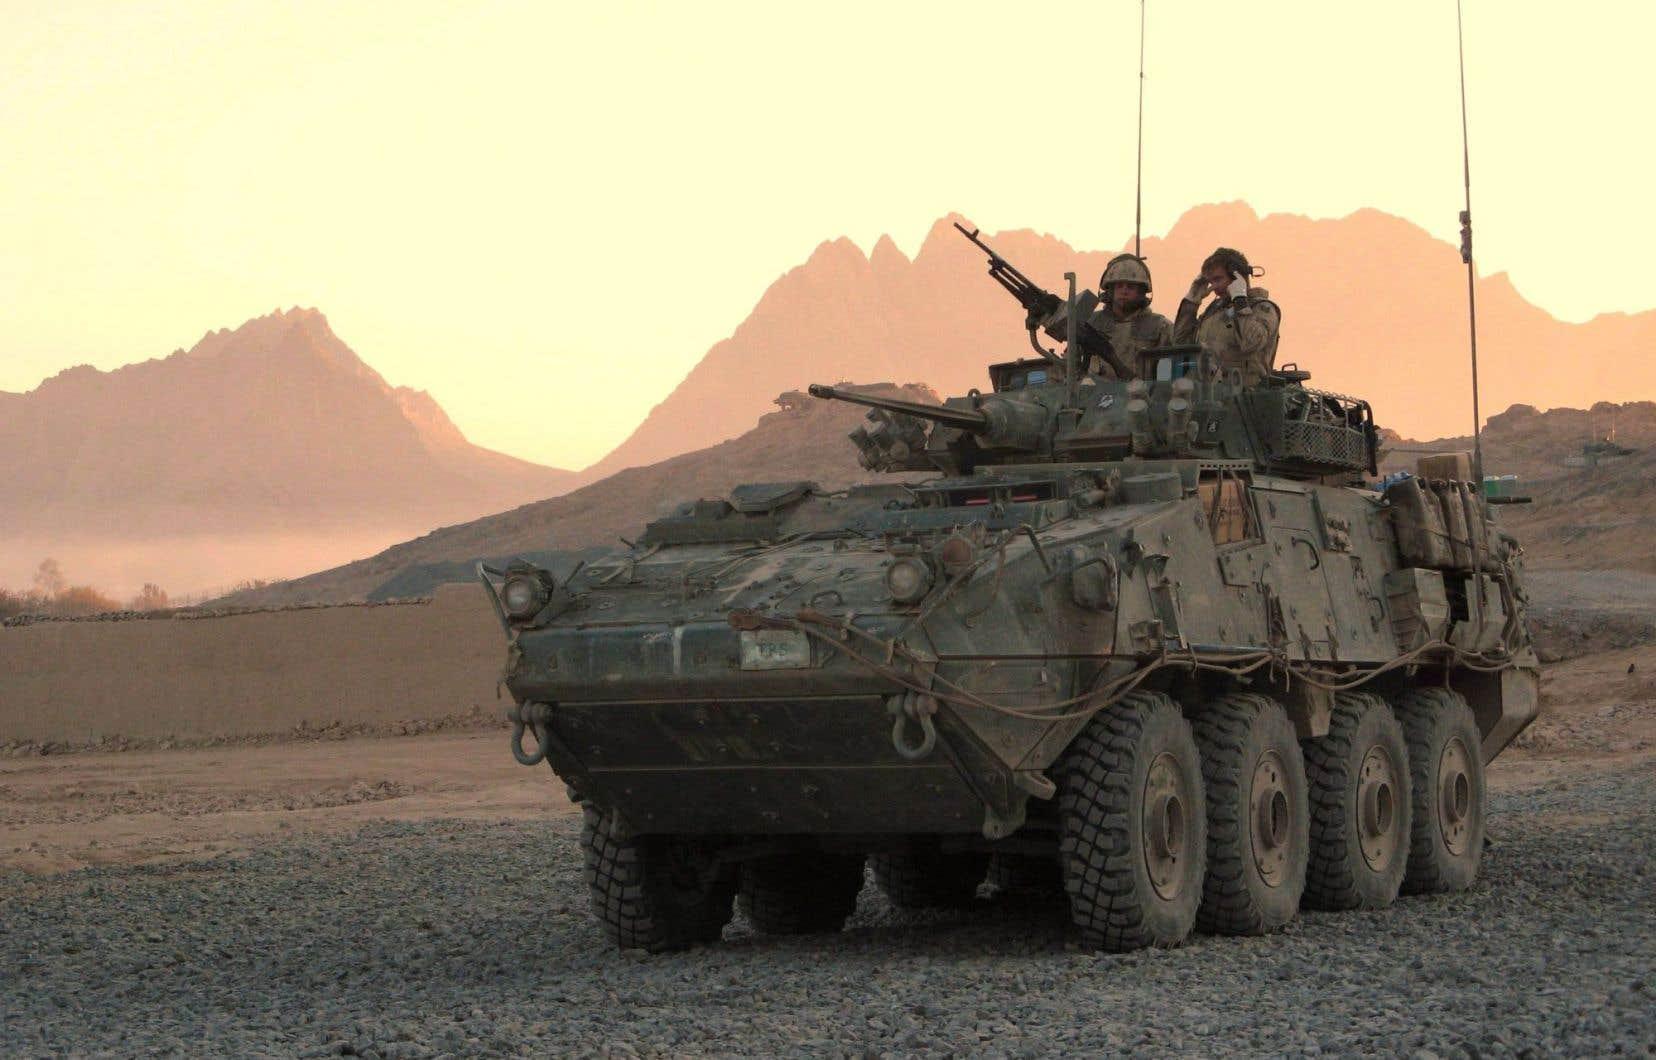 Les blindés vendus à l'Arabie saoudite ont soulevé un tollé en campagne électorale. Ci-dessus, des soldats canadiens à bord d'un LAV.